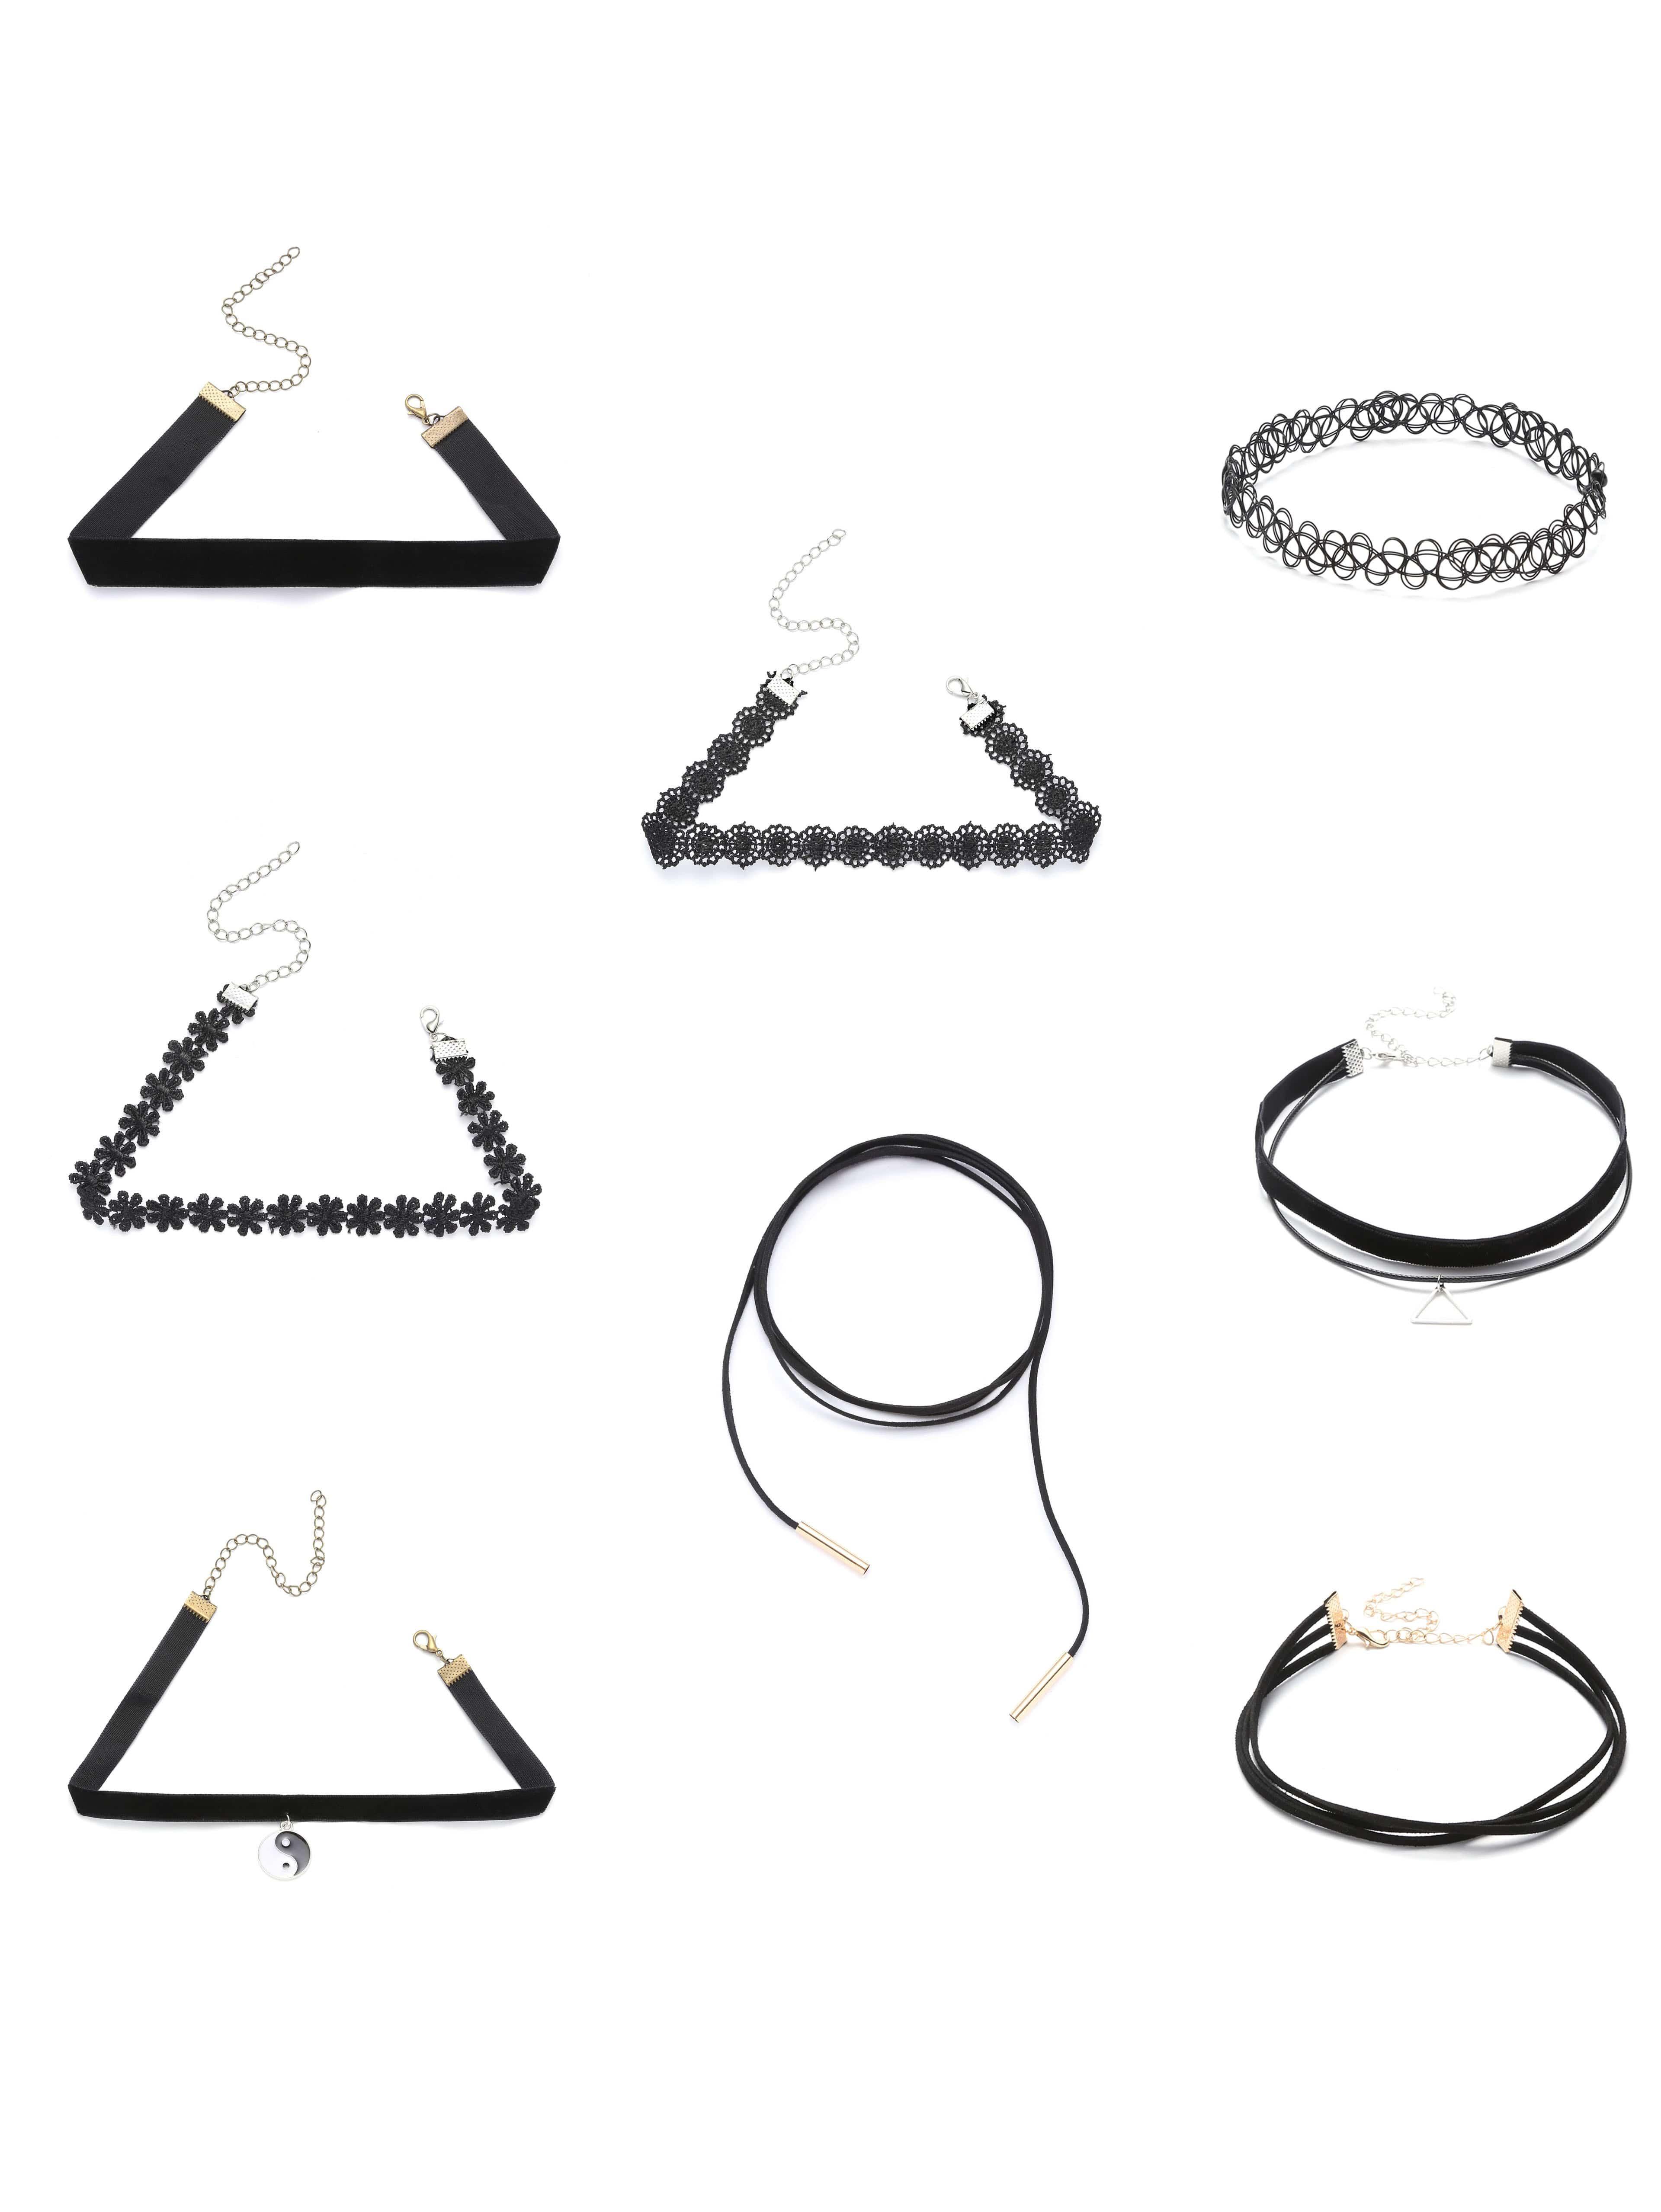 Image of 8PCS Black Choker Set